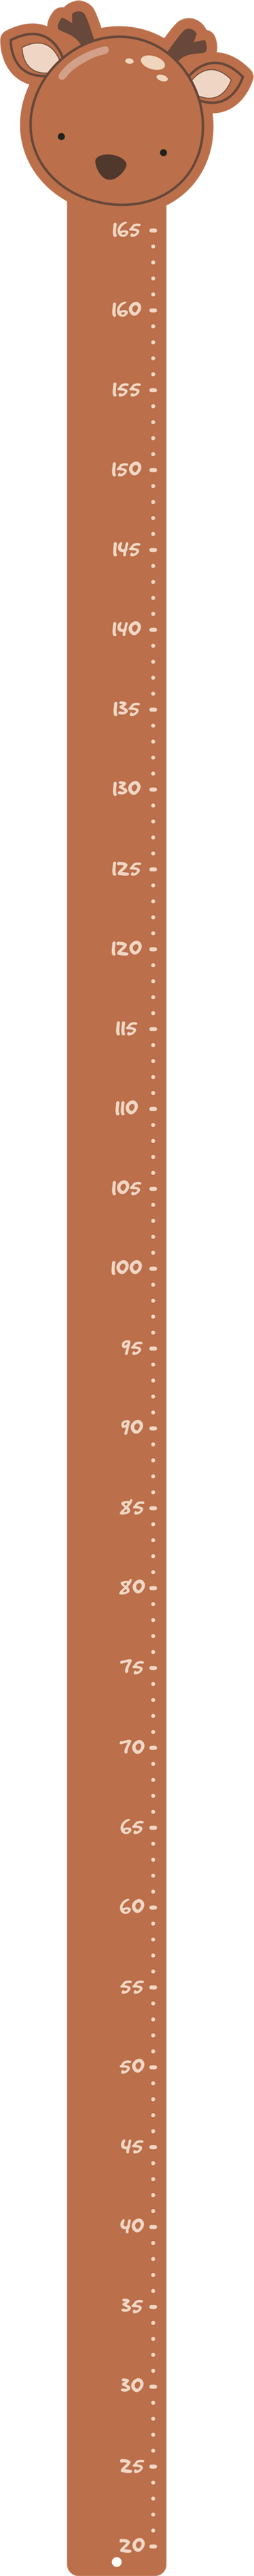 TenStickers. Naklejka miara wzrostu żyrafa. Naklejka na ścianę do pokoju dziecka z miarką wzrostu w centymetrach.  Miarka ma kształt długiej szyi żyrafy.